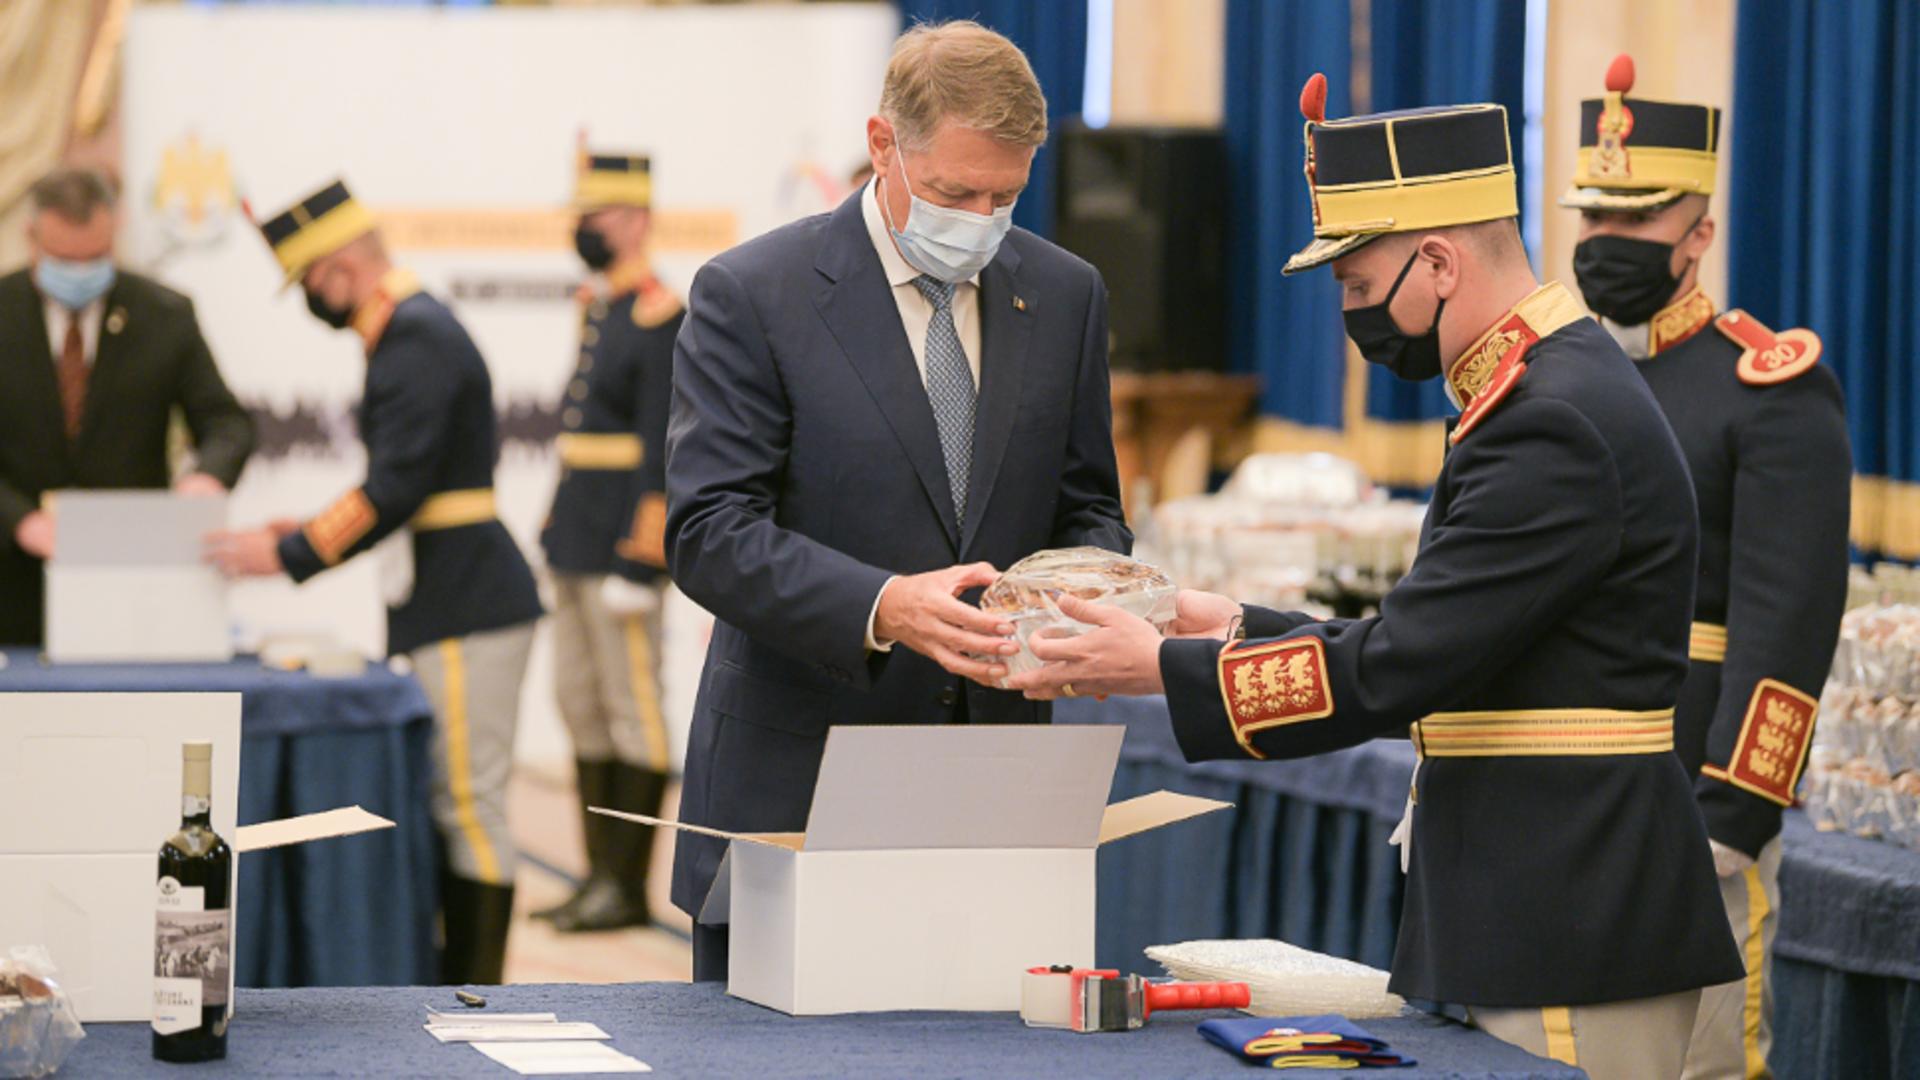 Klaus Iohannis a pregătit cadouri pentru veteranii de război - peste 2.000 vor primi pachetele de Paște Foto: Presidency.ro